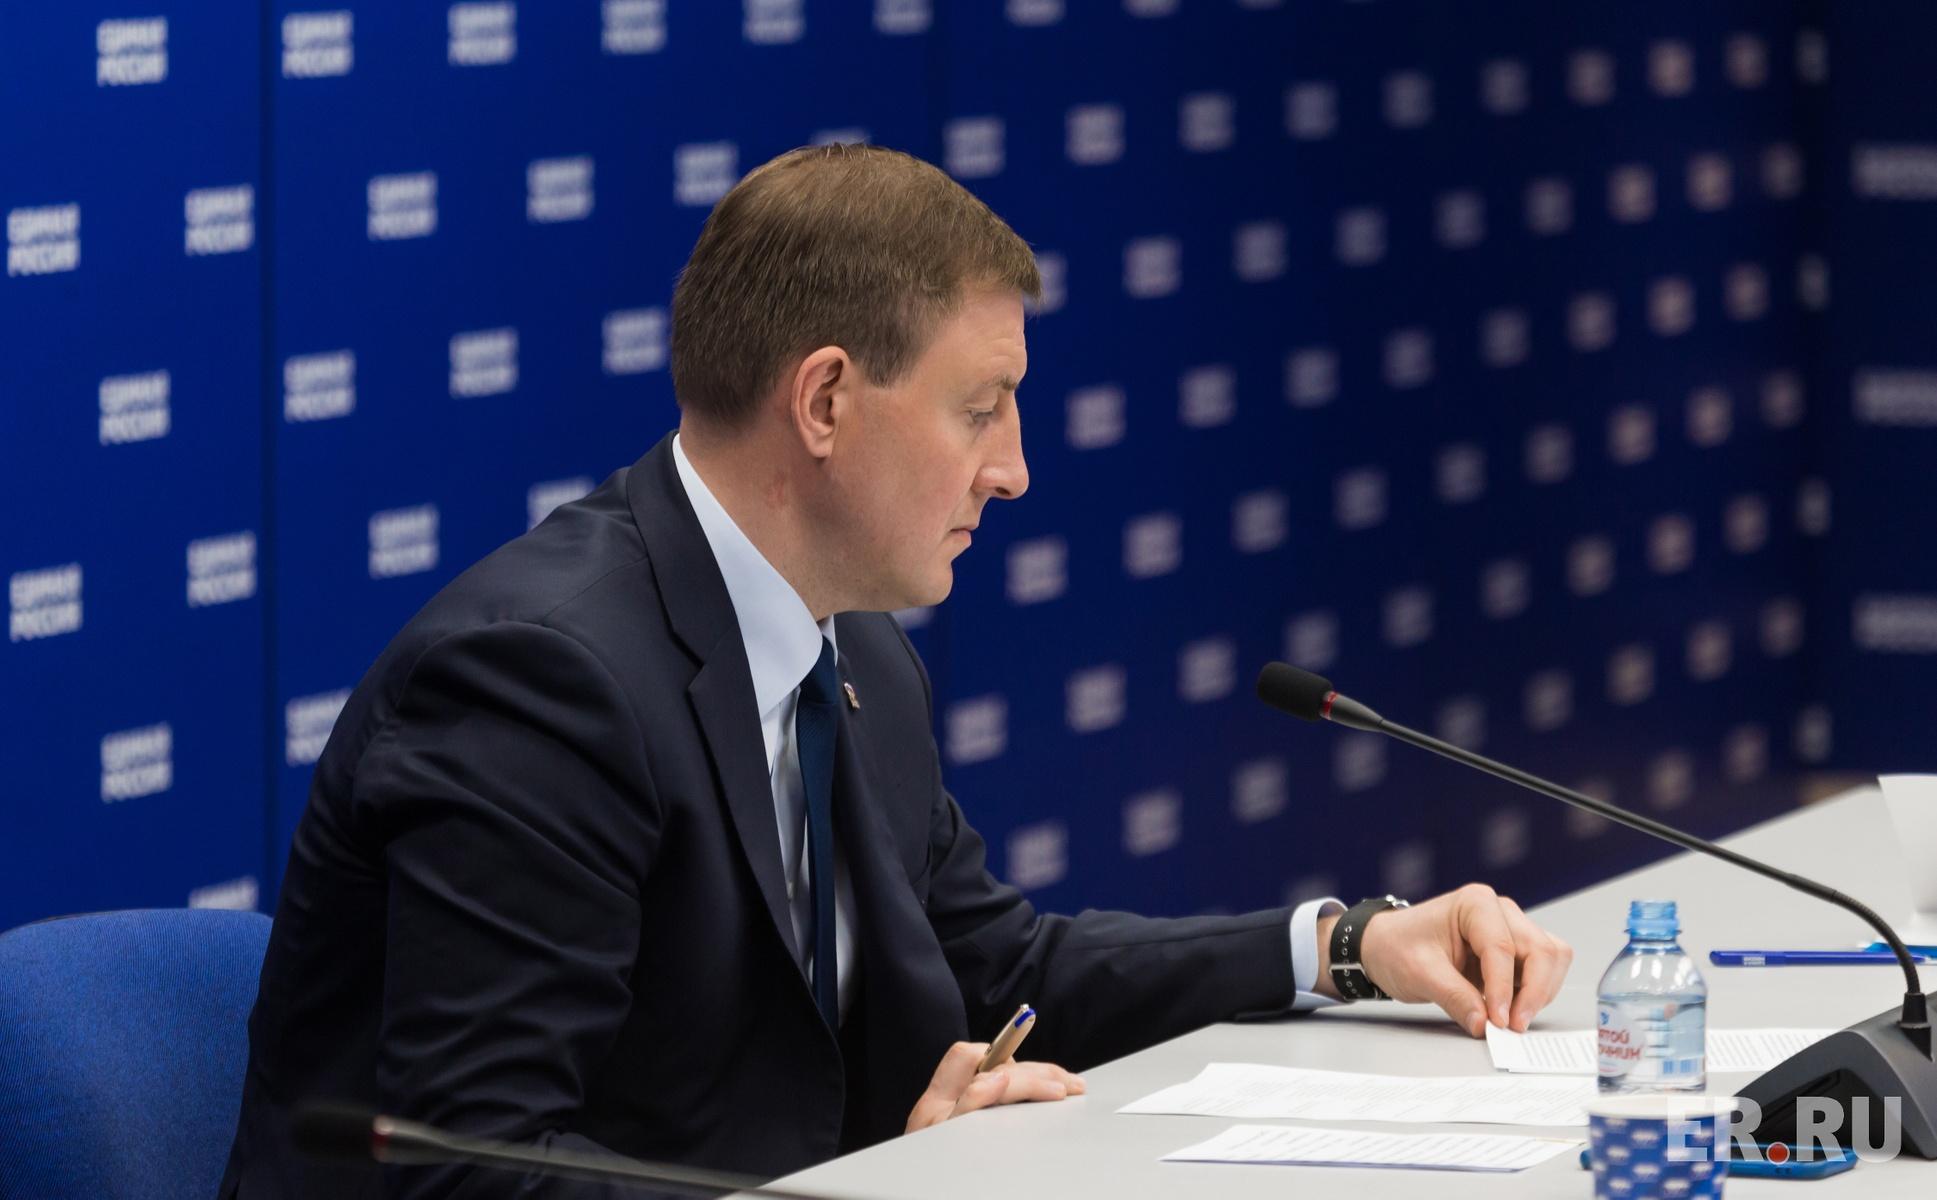 Онлайн-совещание Дмитрия Медведева о мерах по развитию внутреннего туризма и поддержке туристической отрасли